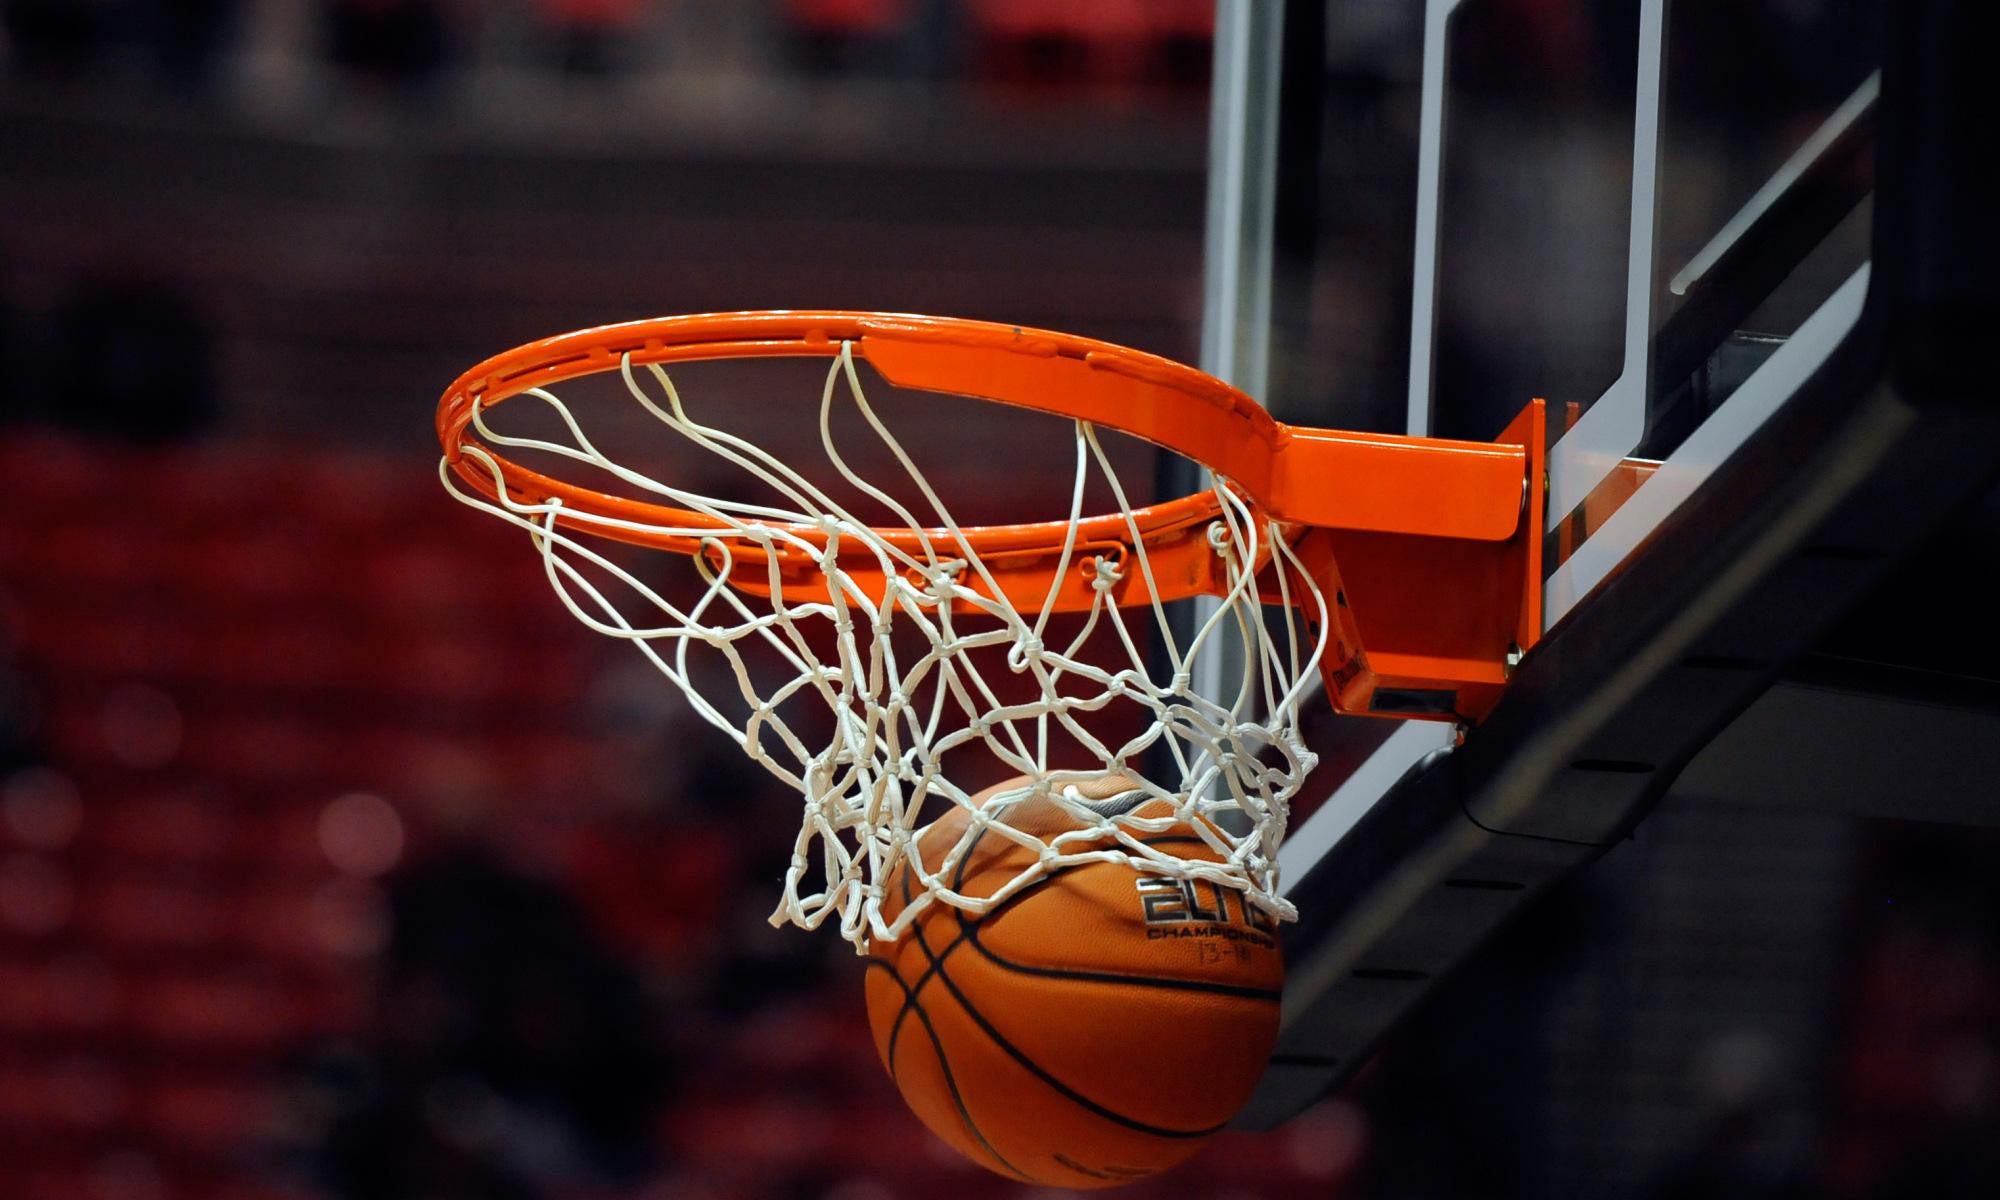 Hình ảnh bảng bóng rổ cực đẹp